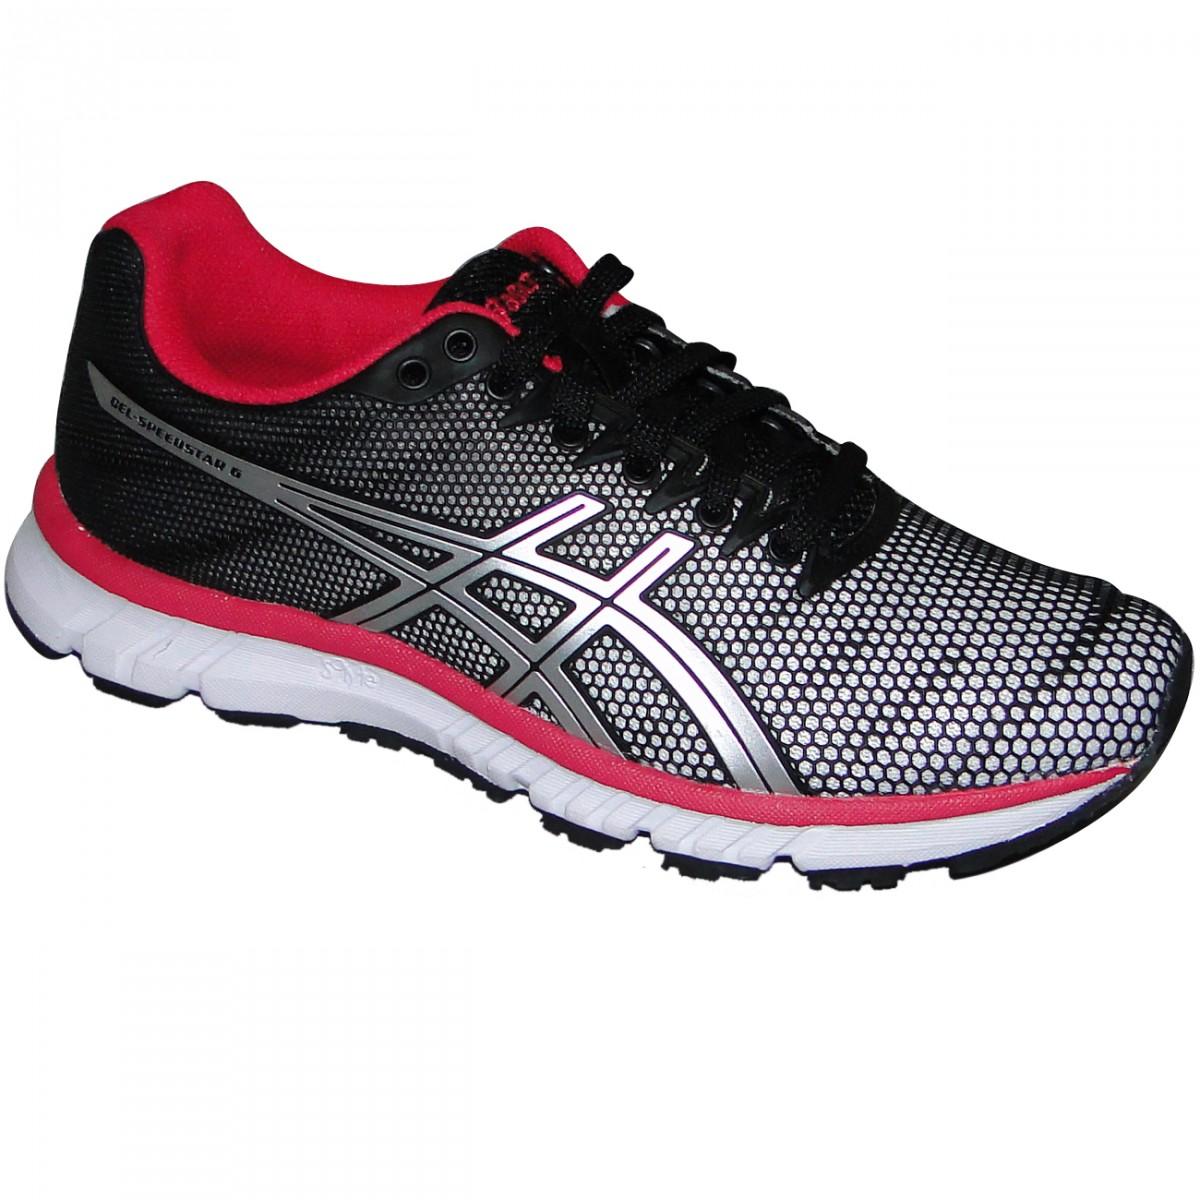 f68fe67f44f Tenis Asics Gel-Speedstar 6 T263Q-0190 - Preto Branco Pink - Chuteira Nike